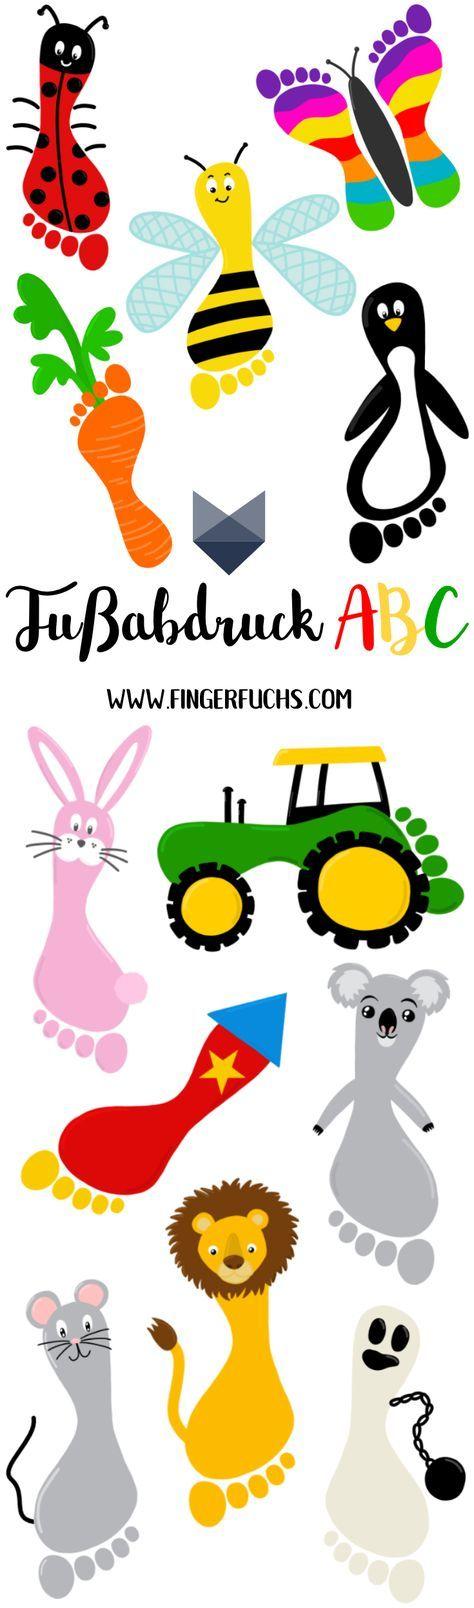 Das große Fußabdruck ABC - Basteln mit Fußabdruck #einfachebastelarbeitenfürkinder